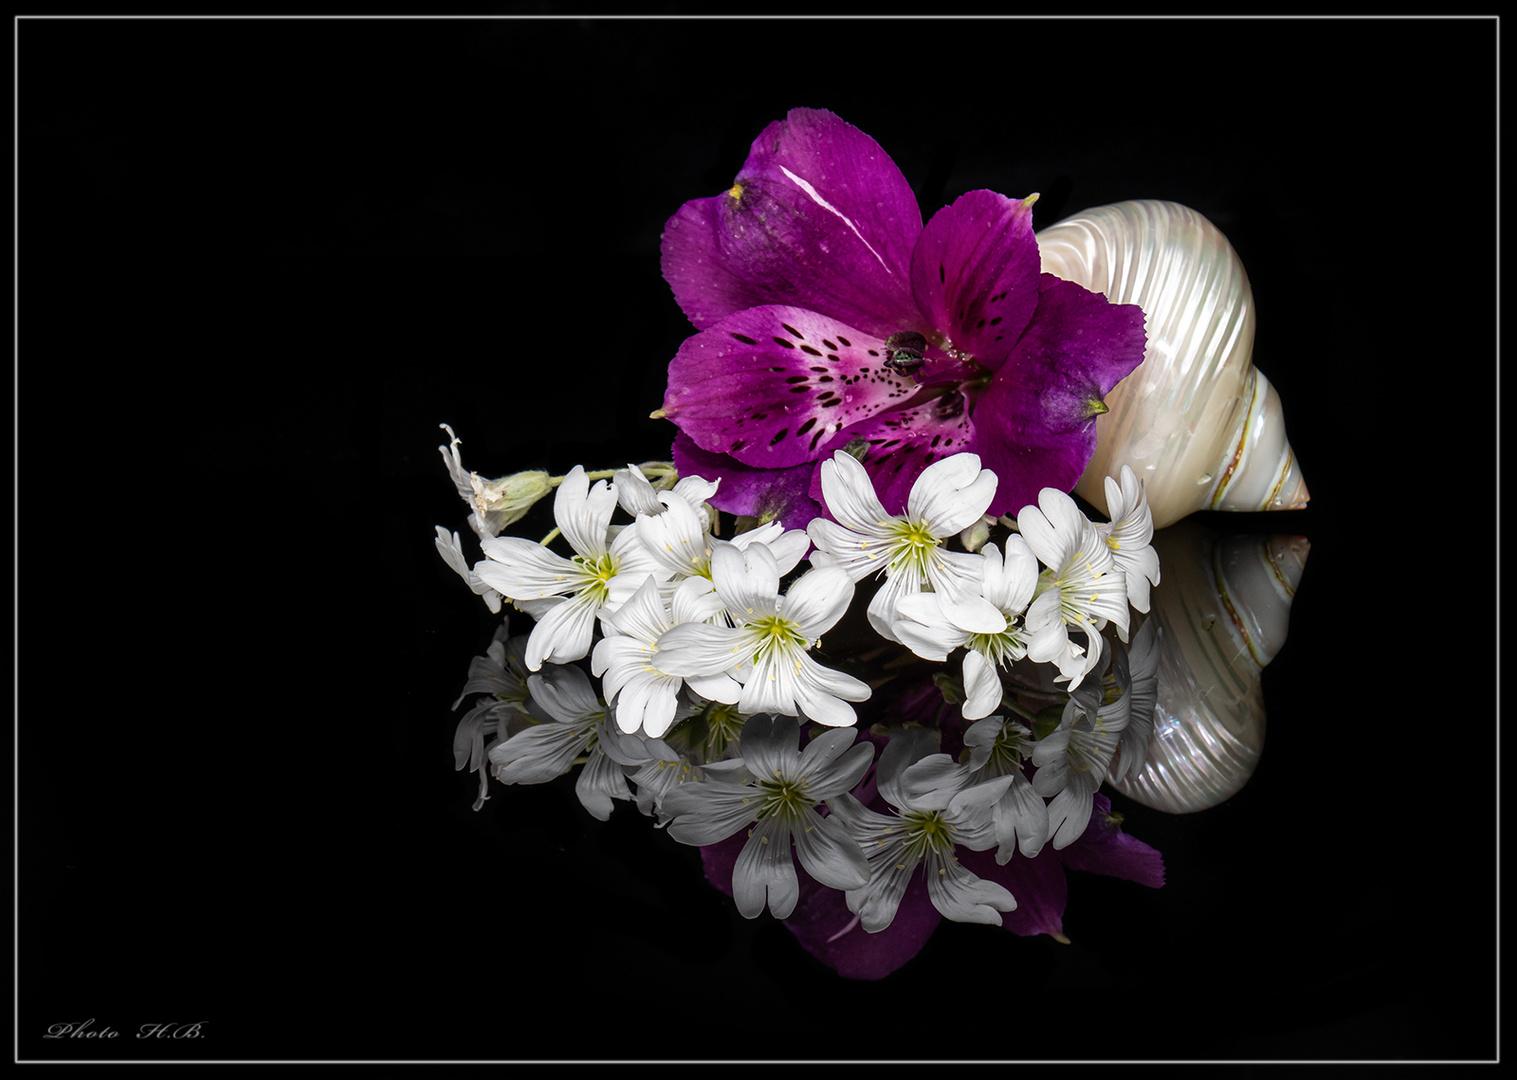 Blüten im schwarzen Spiegel